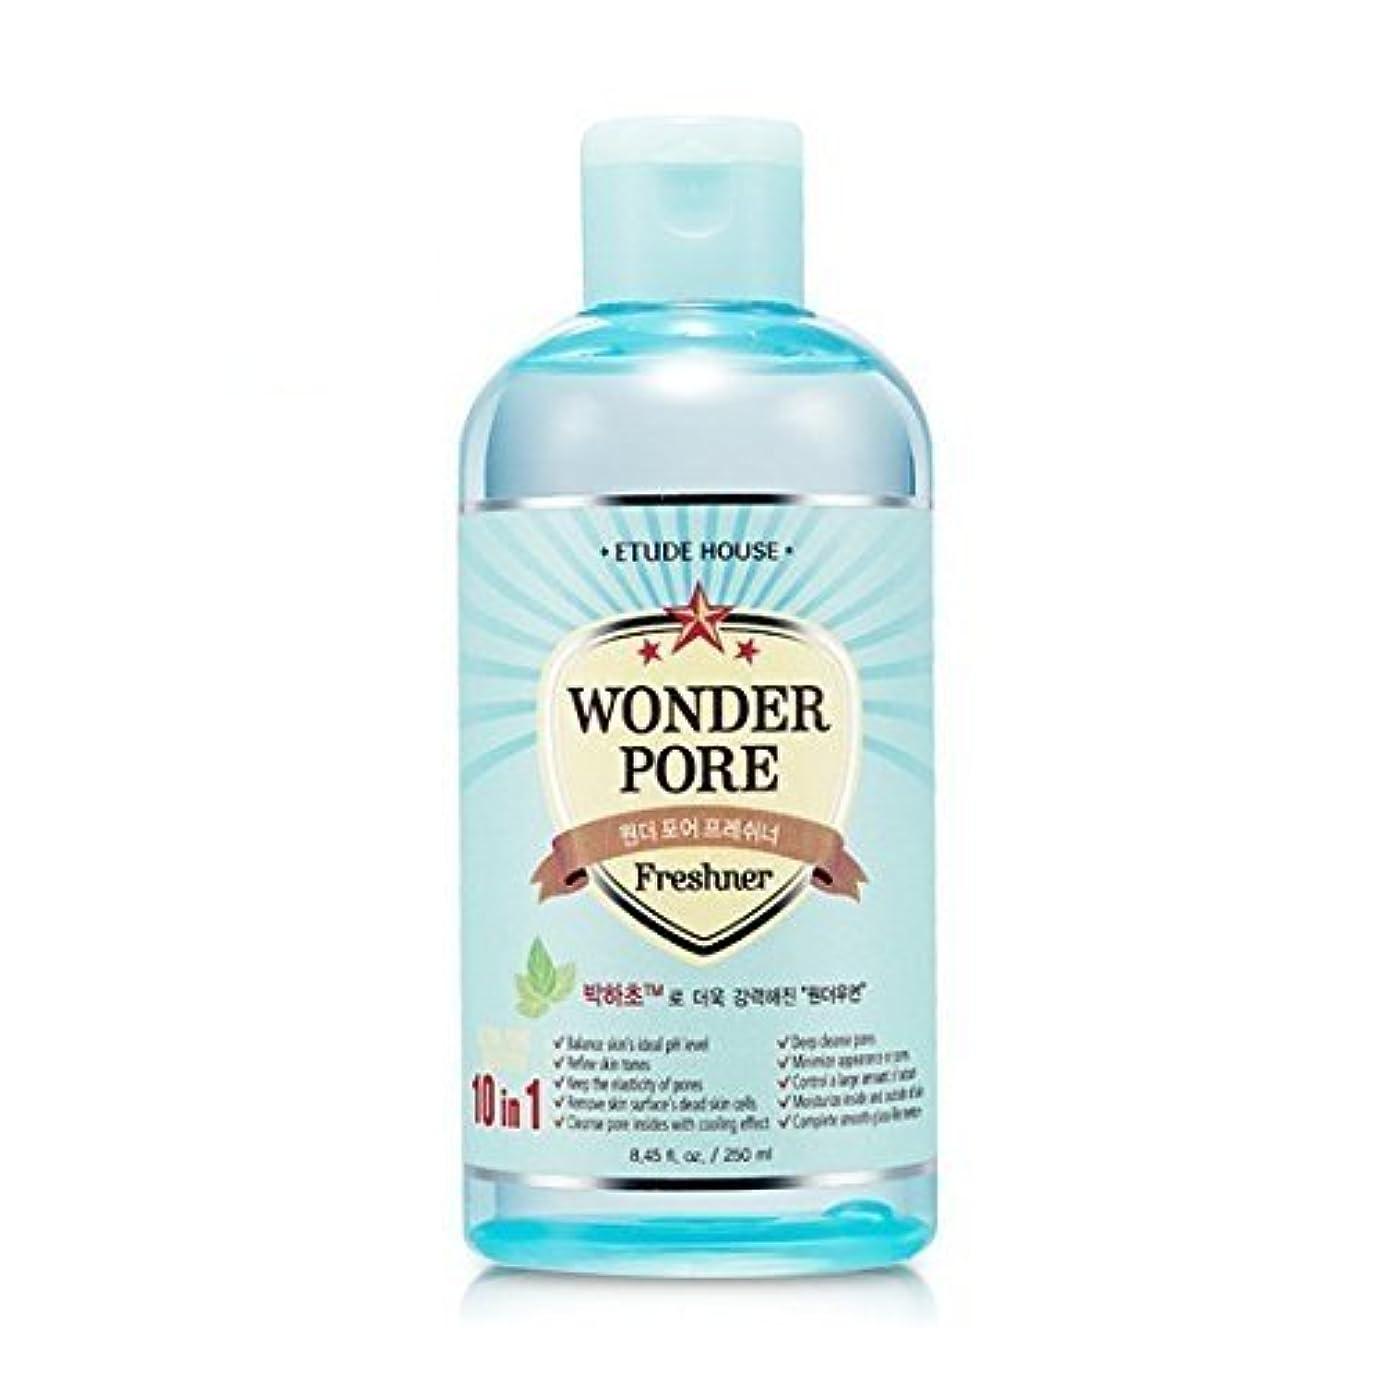 繊毛アレンジインチエチュードハウス ワンダー?ポア?フレッシュナー 化粧水 (500ml) / ETUDE HOUSE Wonder Pore Freshner [並行輸入品]